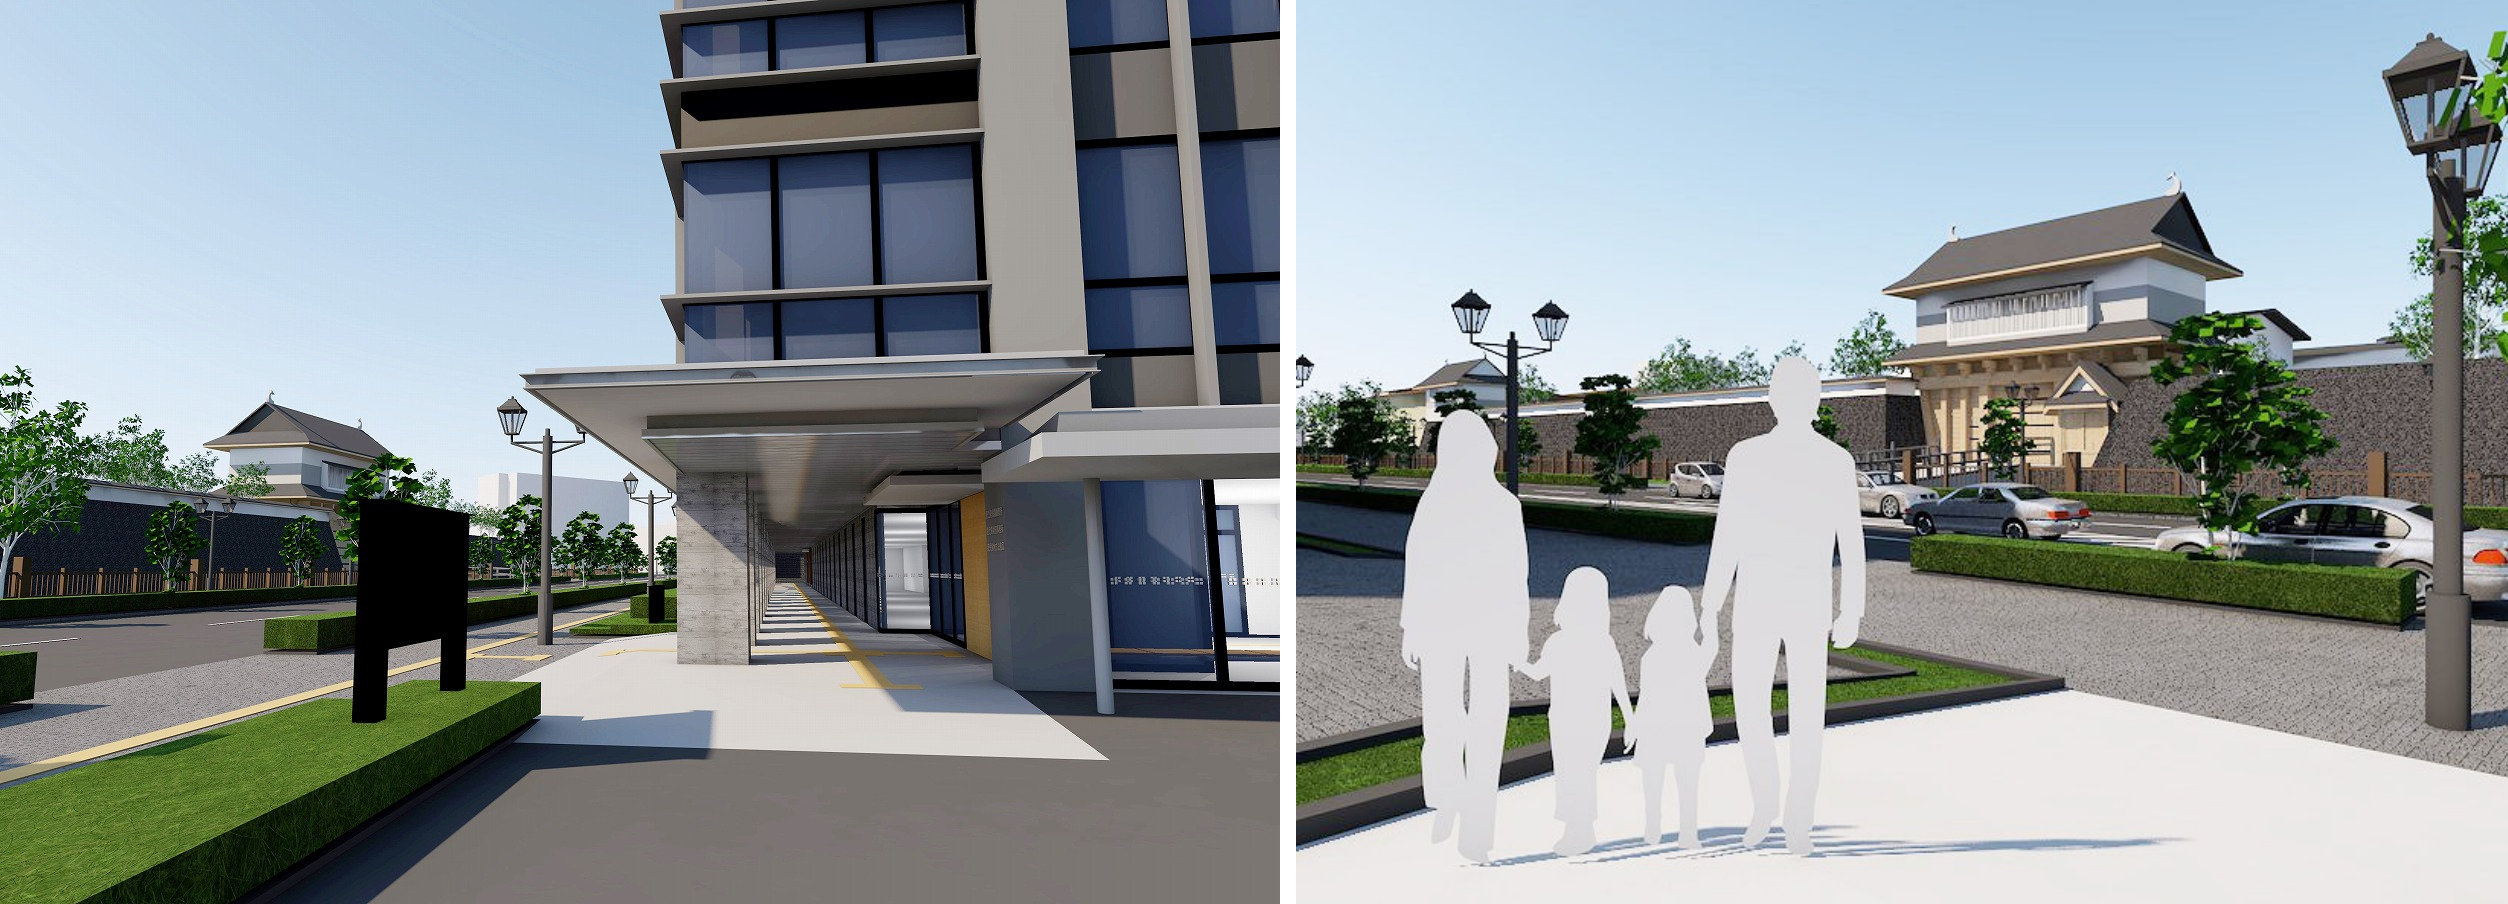 鹿児島第3地方合同庁舎(左)やポケットパーク(右)からの御楼門の見え方もBIMによる景観シミュレーションで検討した(右)(資料:国土交通省九州地方整備局)